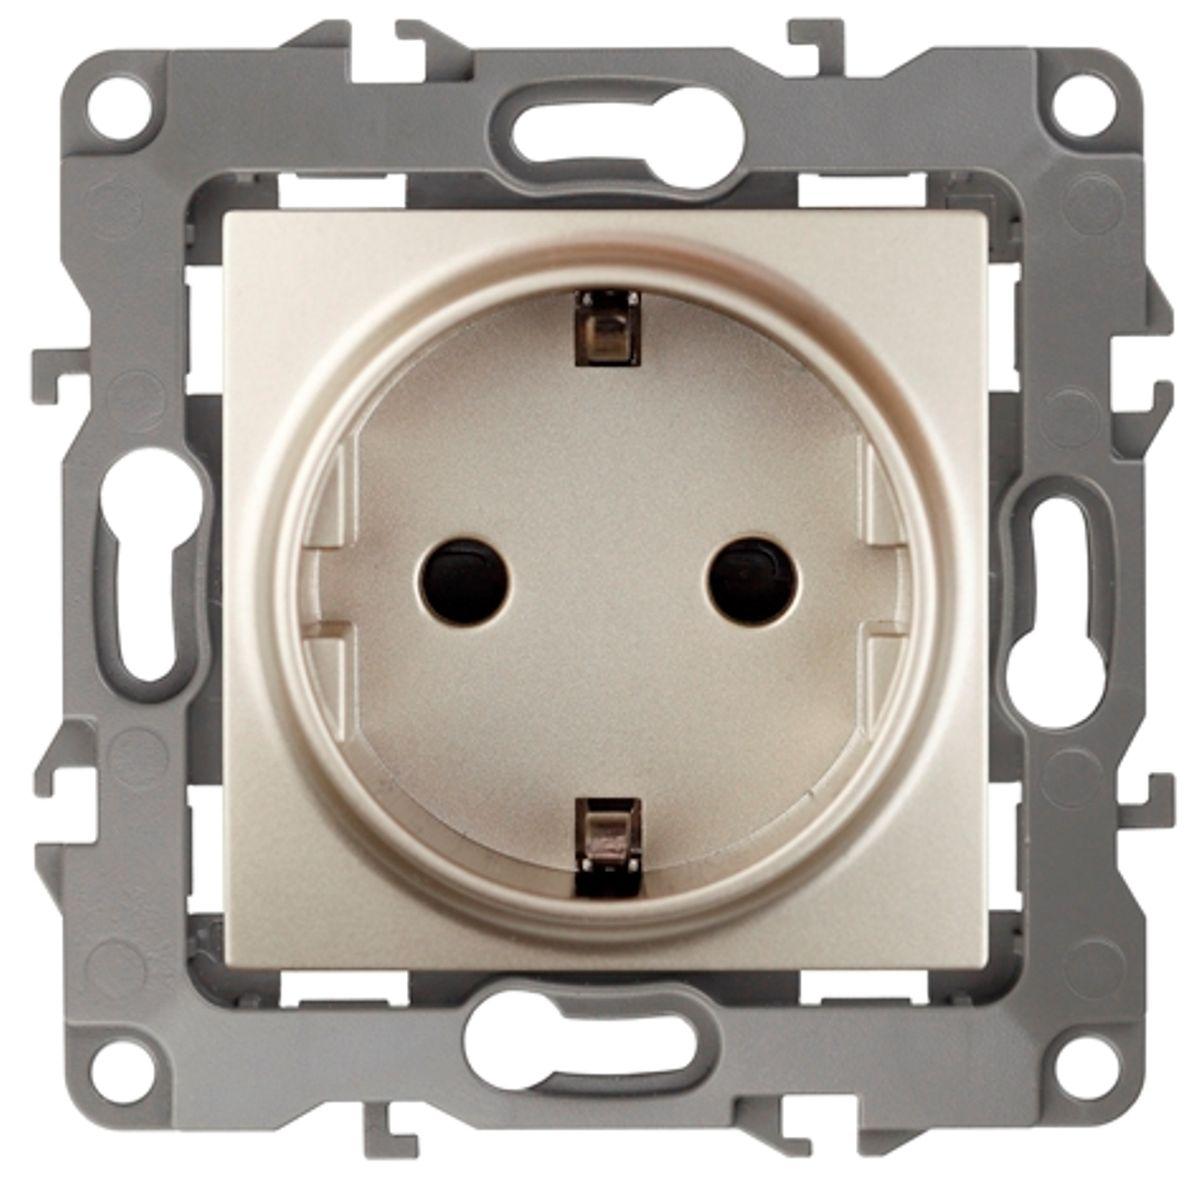 Розетка одинарная Эра, со шторками, цвет: шампань. 12-2102-0412-2102-04Одинарная розетка Эра с заземлением, скрытой установки, со шторками, имеет бронзовые контакты и фиксаторы модулей. Автоматические зажимы кабеля обеспечивают быстрый и надежный монтаж изделия к электросети без отвертки и не требуют обслуживания в отличие от винтовых зажимов.